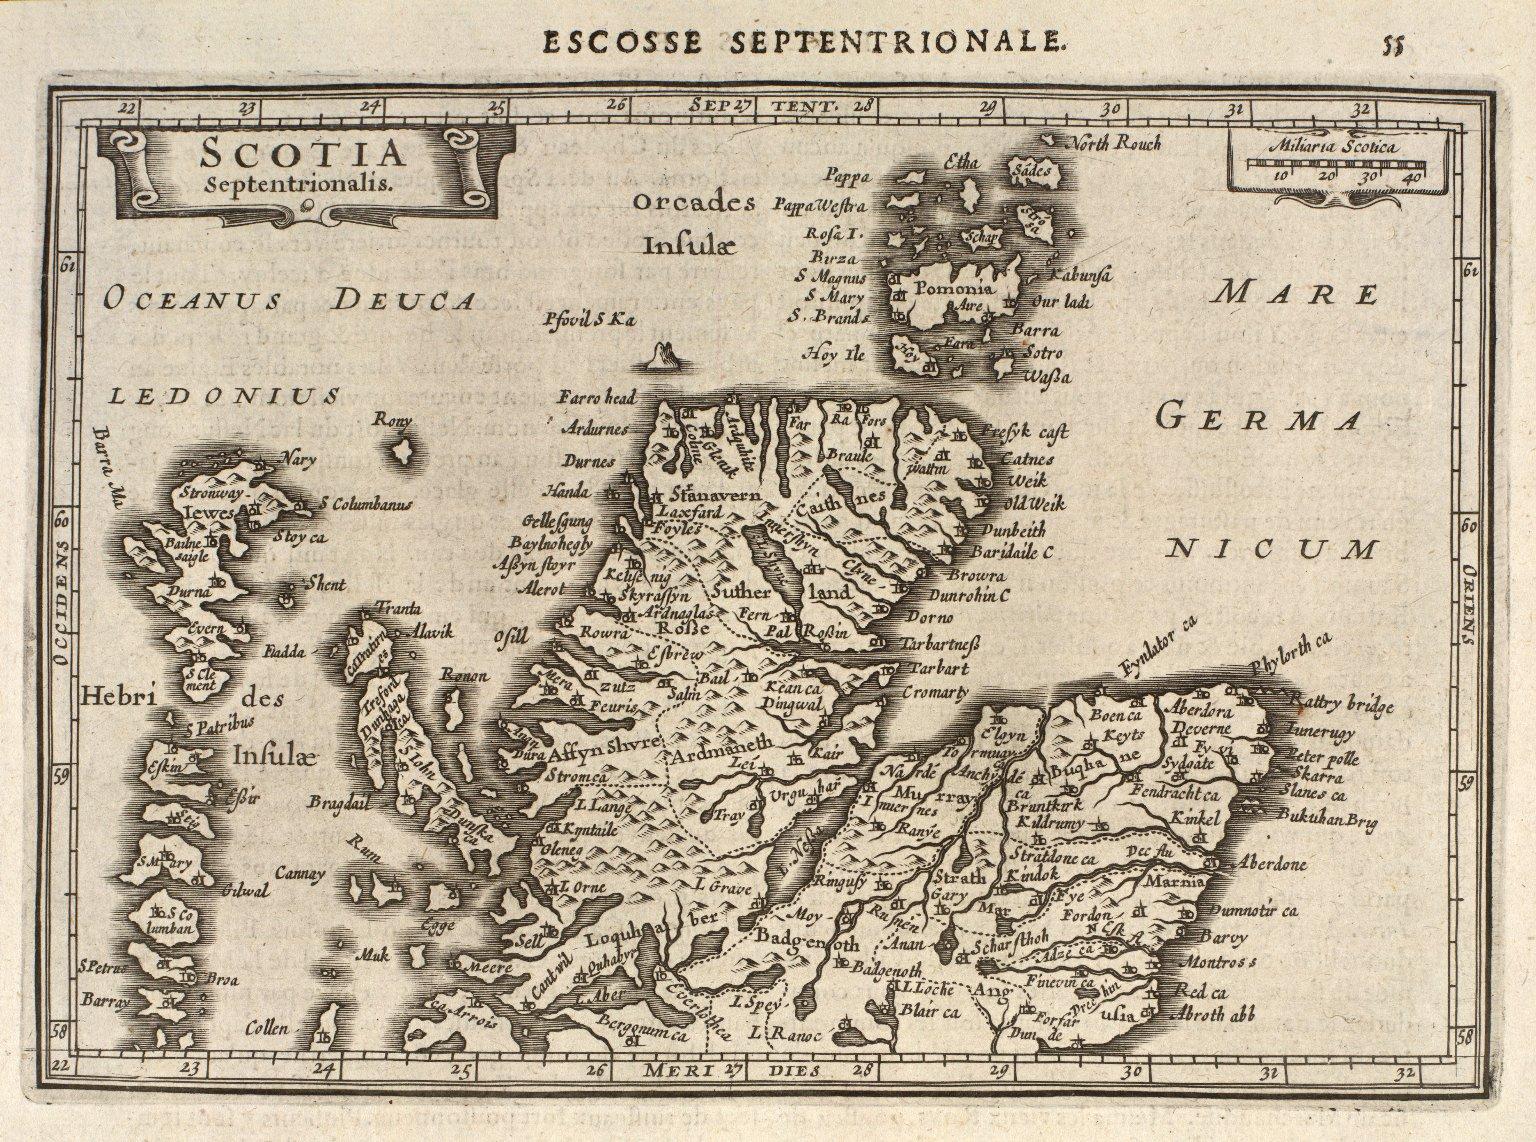 Scotia septentrionalis. [1 of 2]